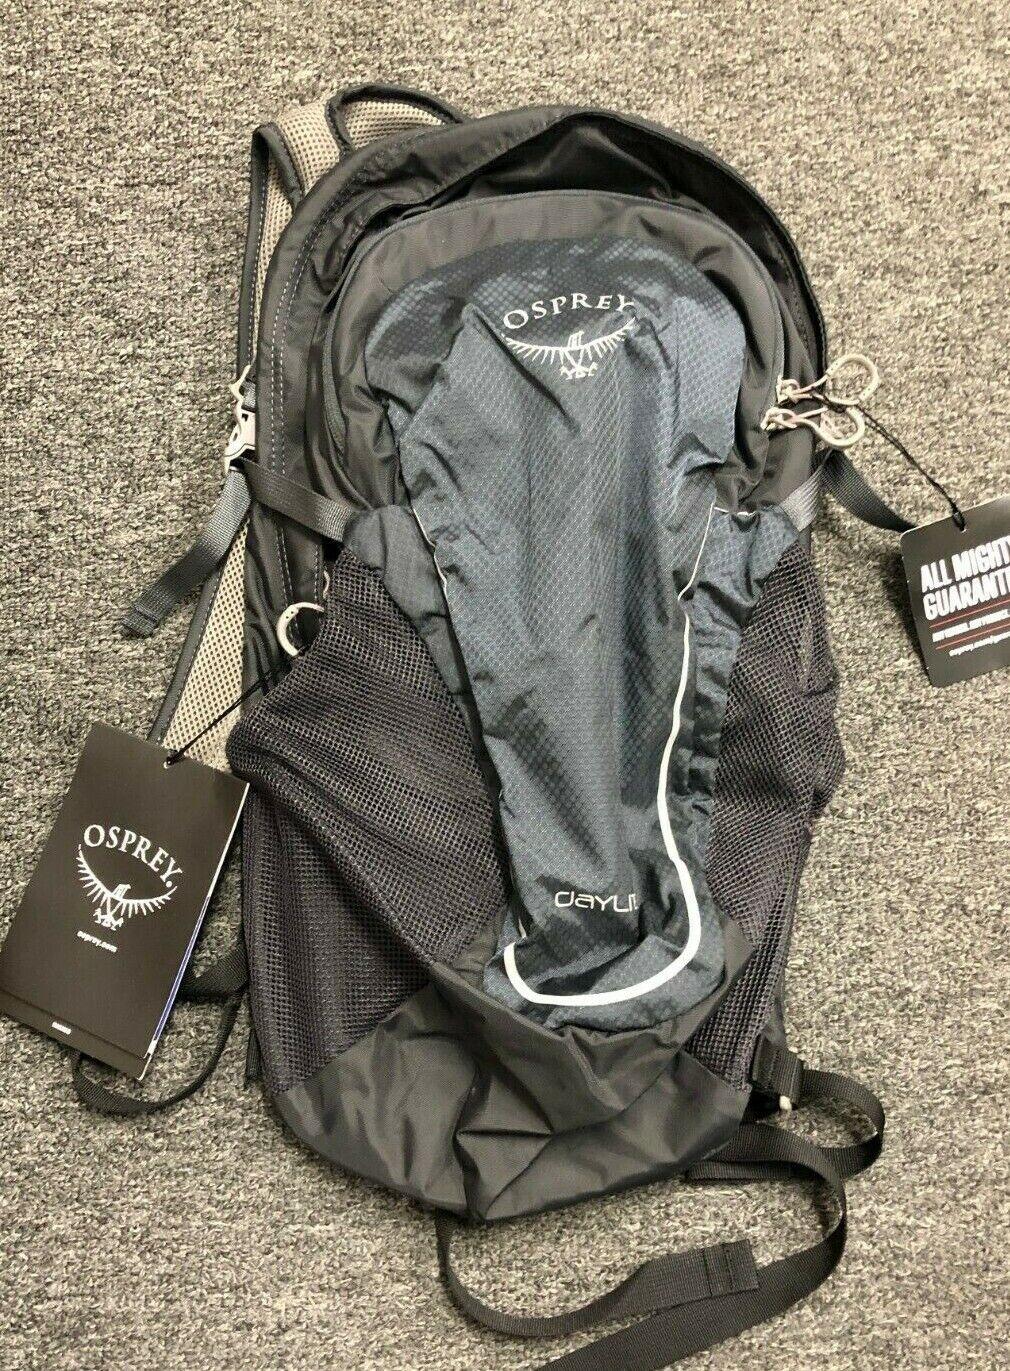 Osprey Daylite Daypack - Black, NWT